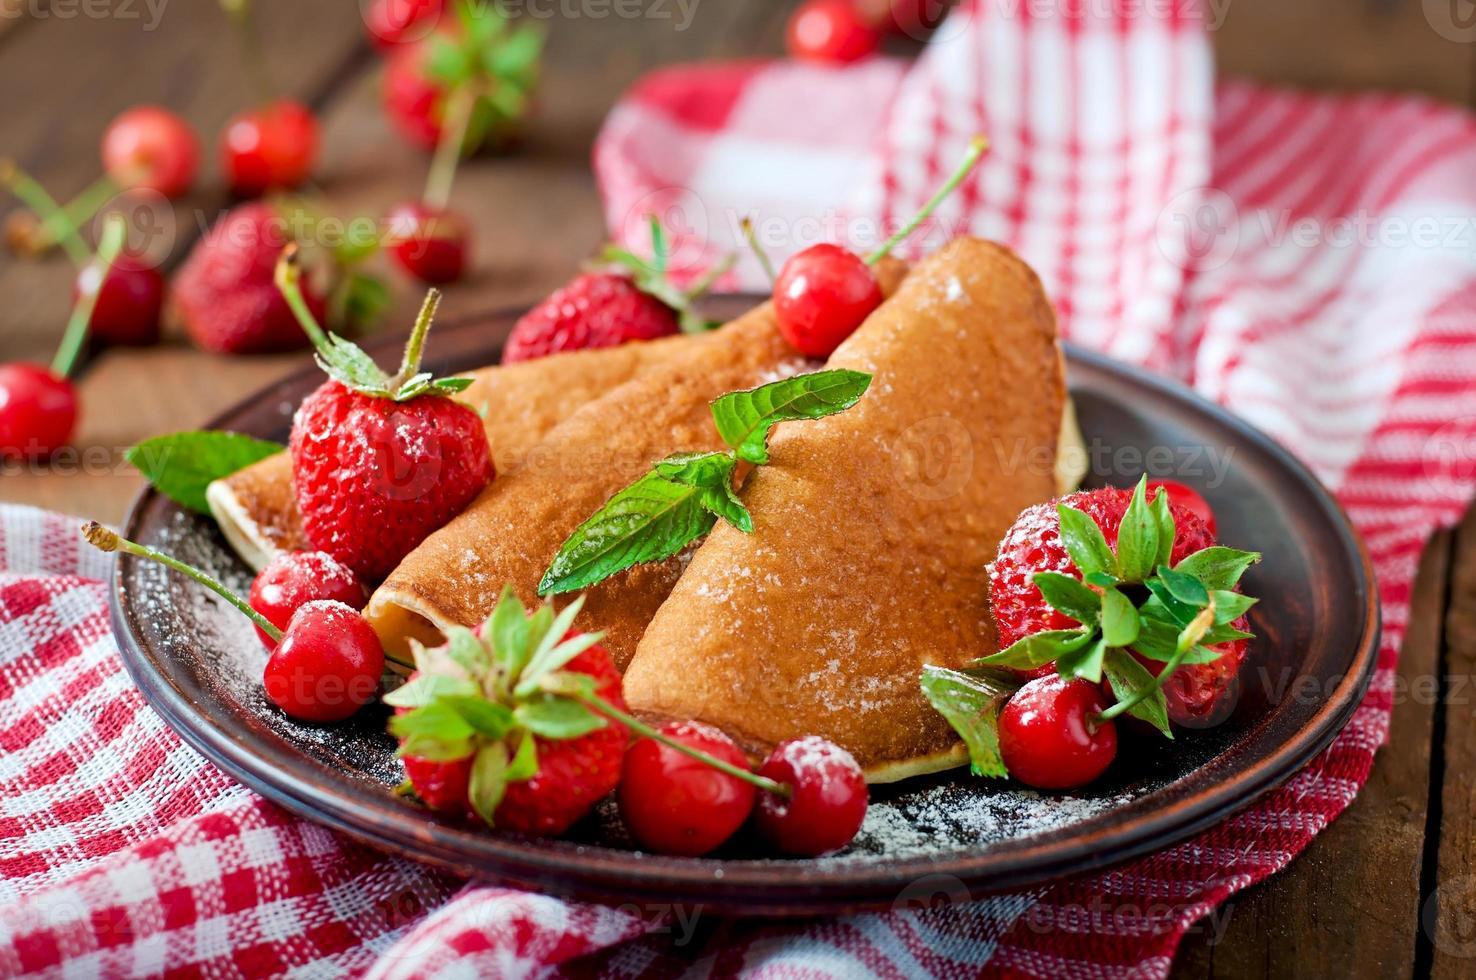 crêpes aux fruits rouges et sirop dans un style rustique photo